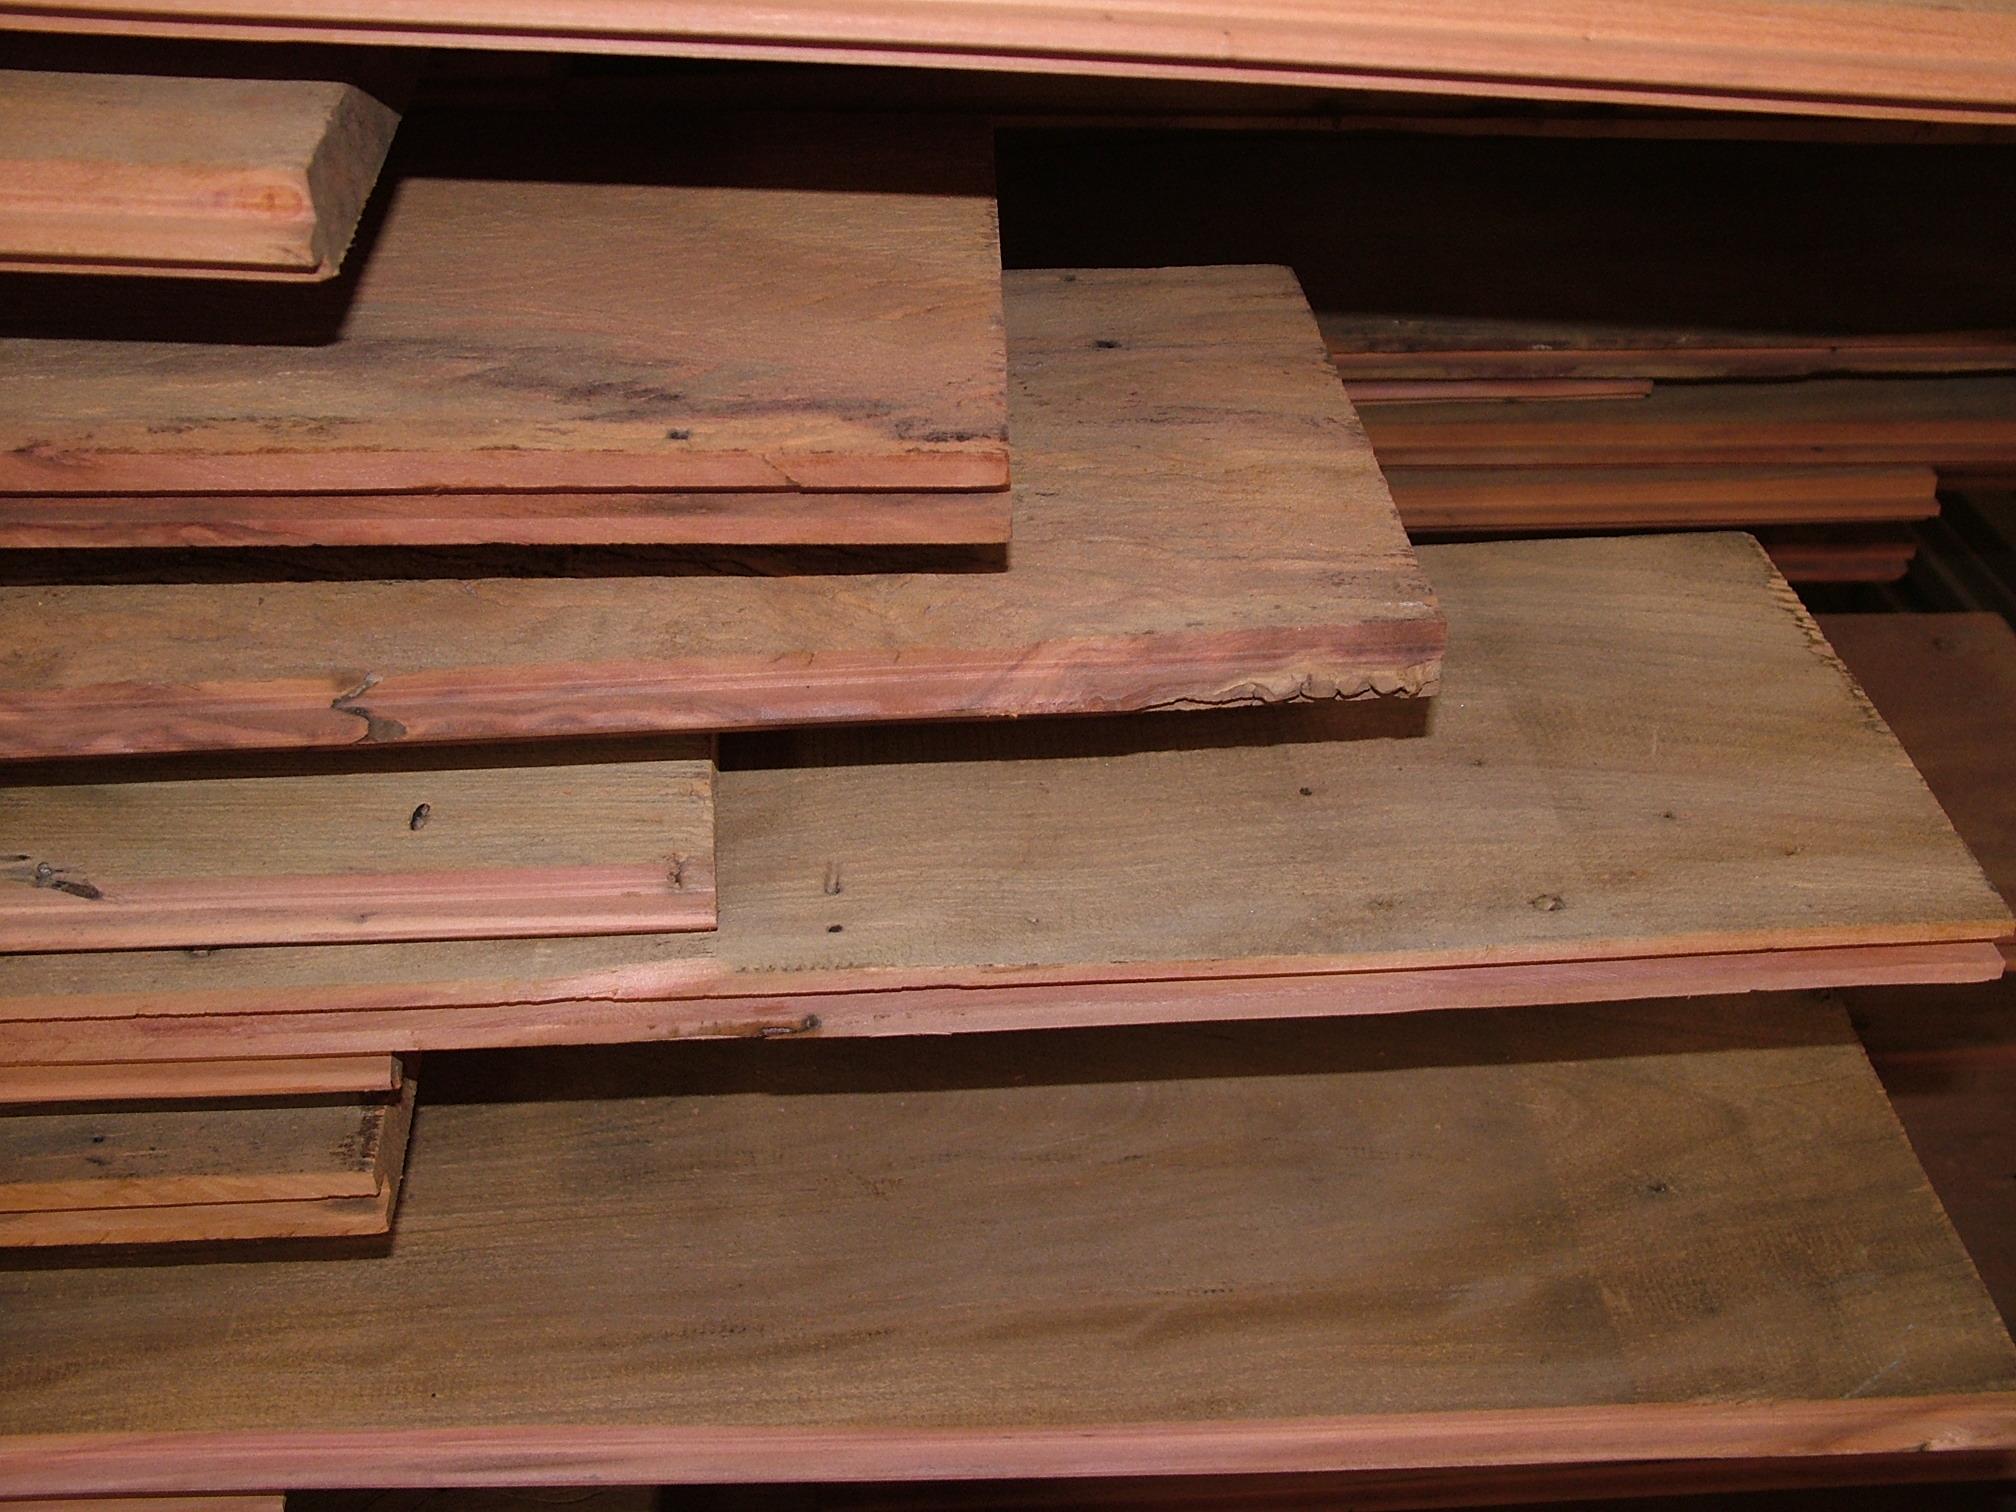 madeira de demolicao 1.jpg #AA4721 2016x1512